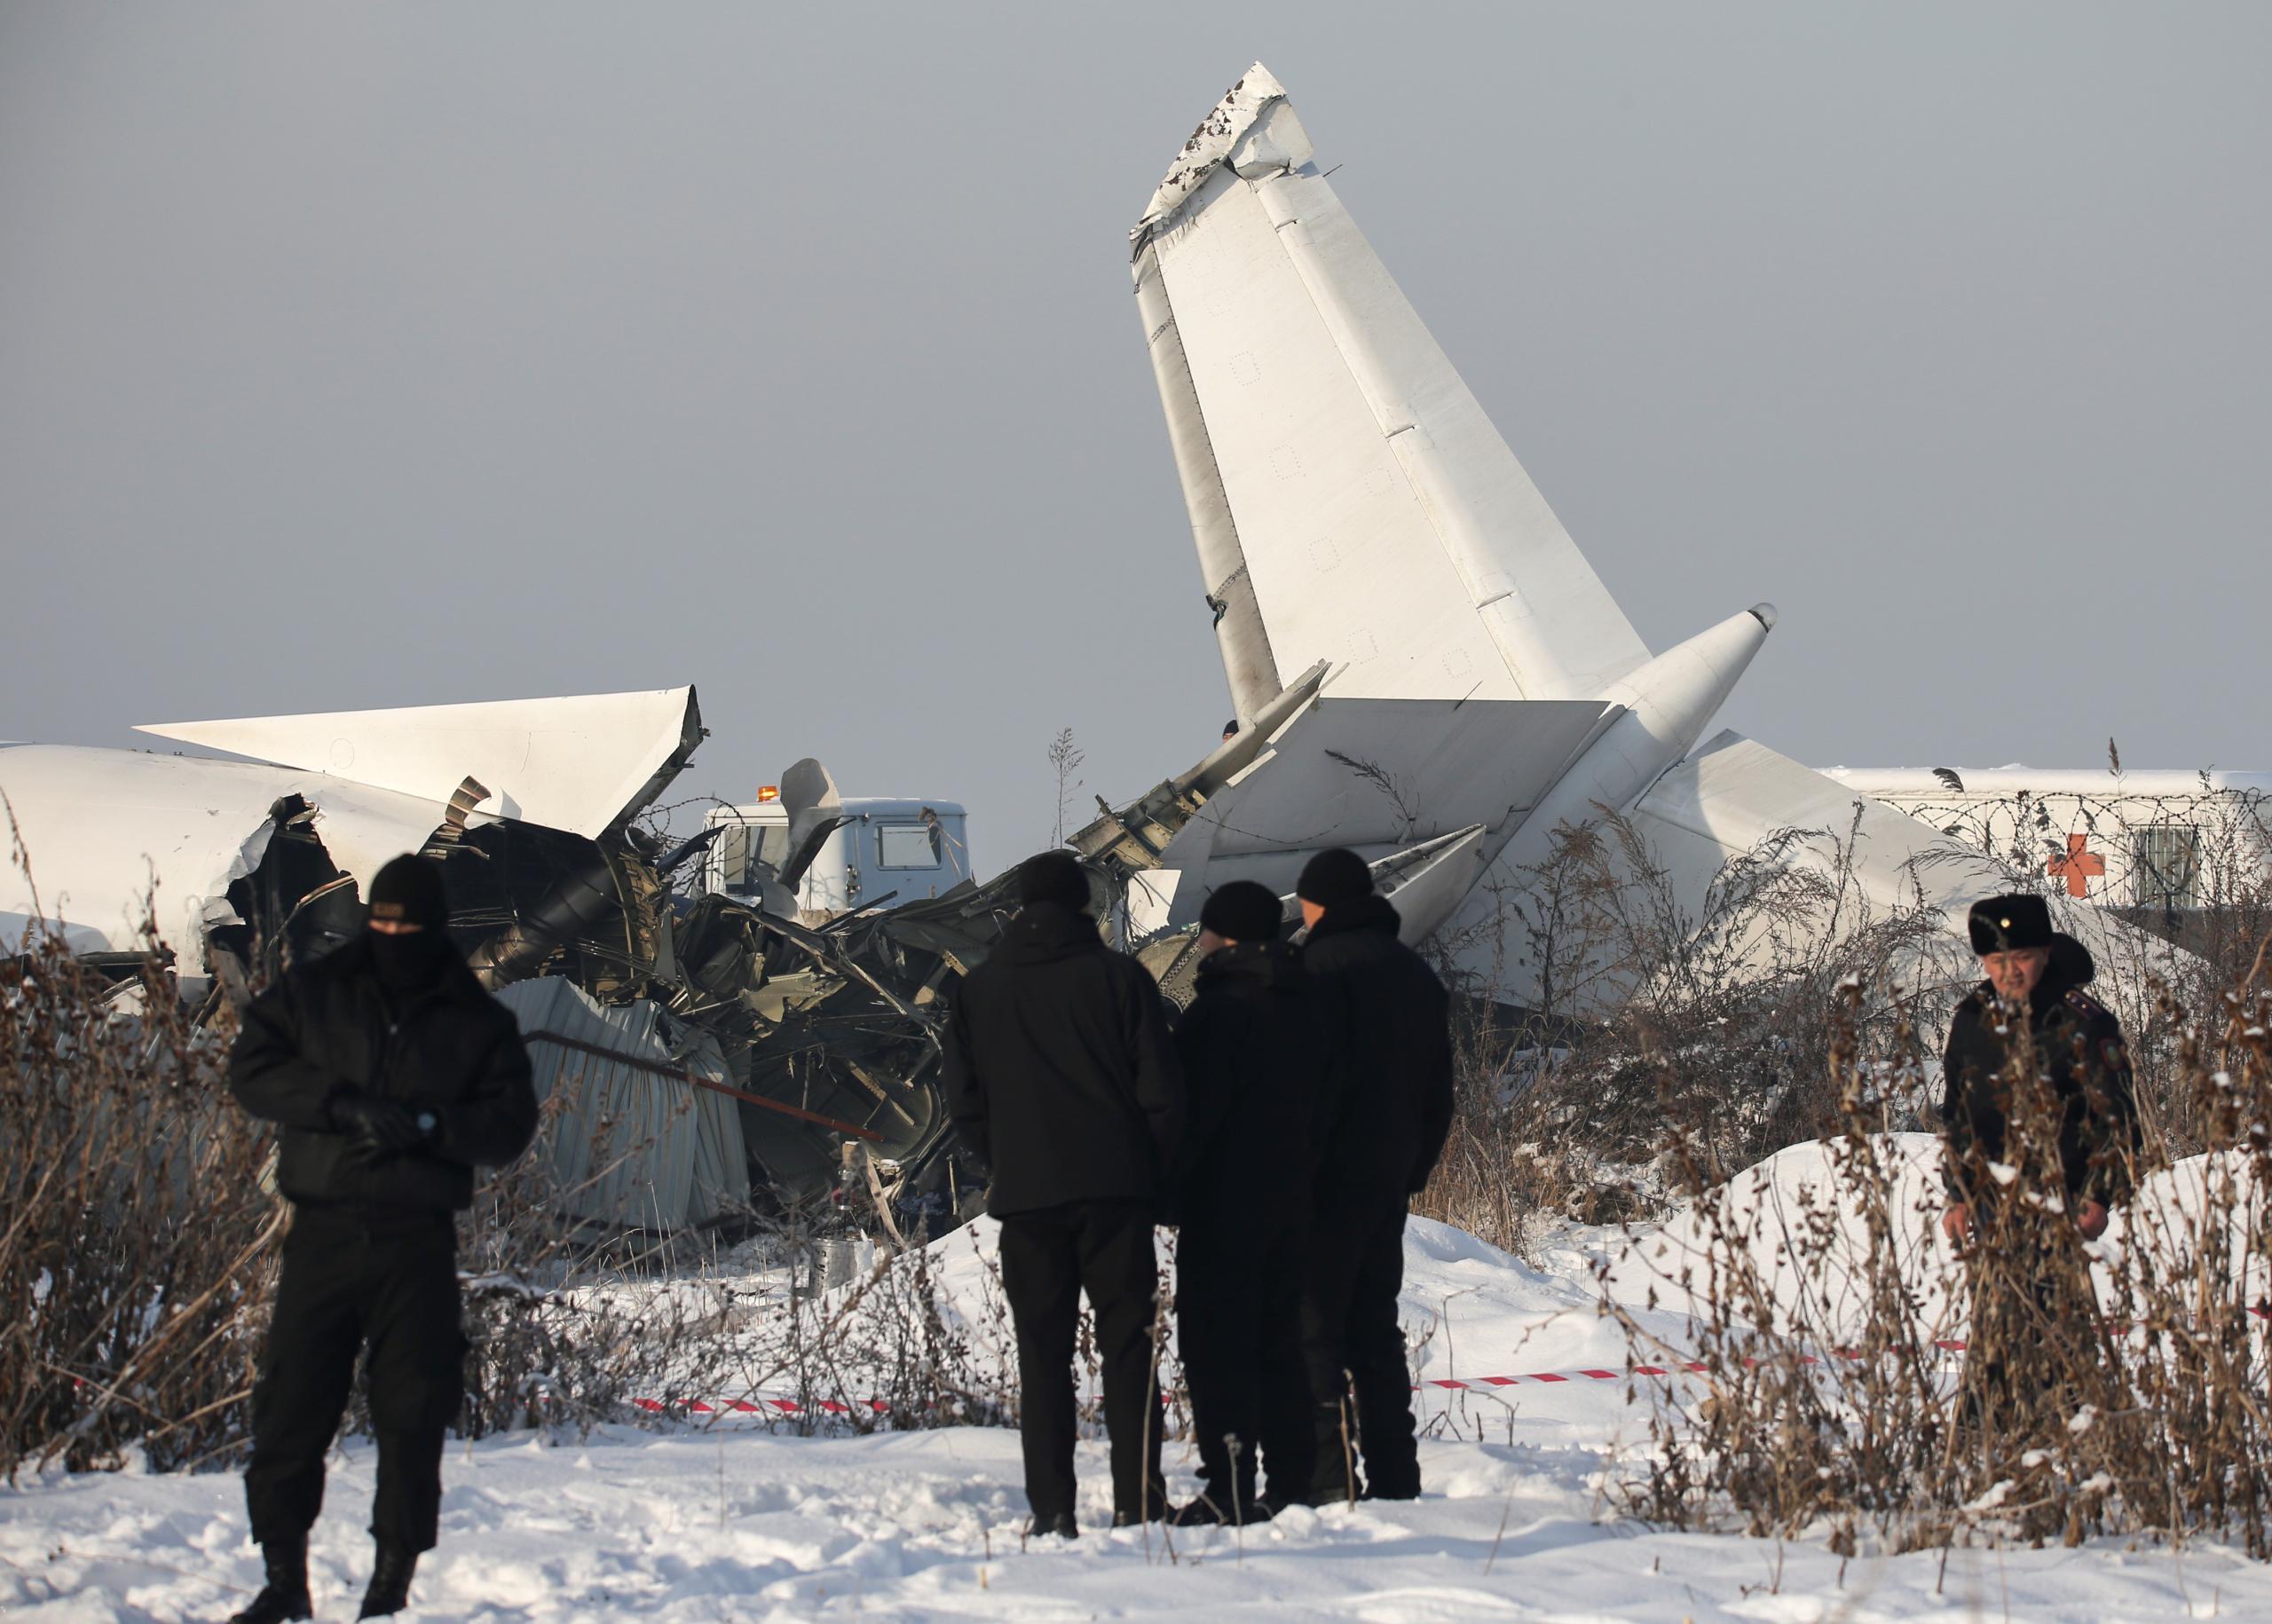 مقتل 9 ركاب إثر تحطم طائرة ركاب في كازاخستان عند الإقلاع - رويترز